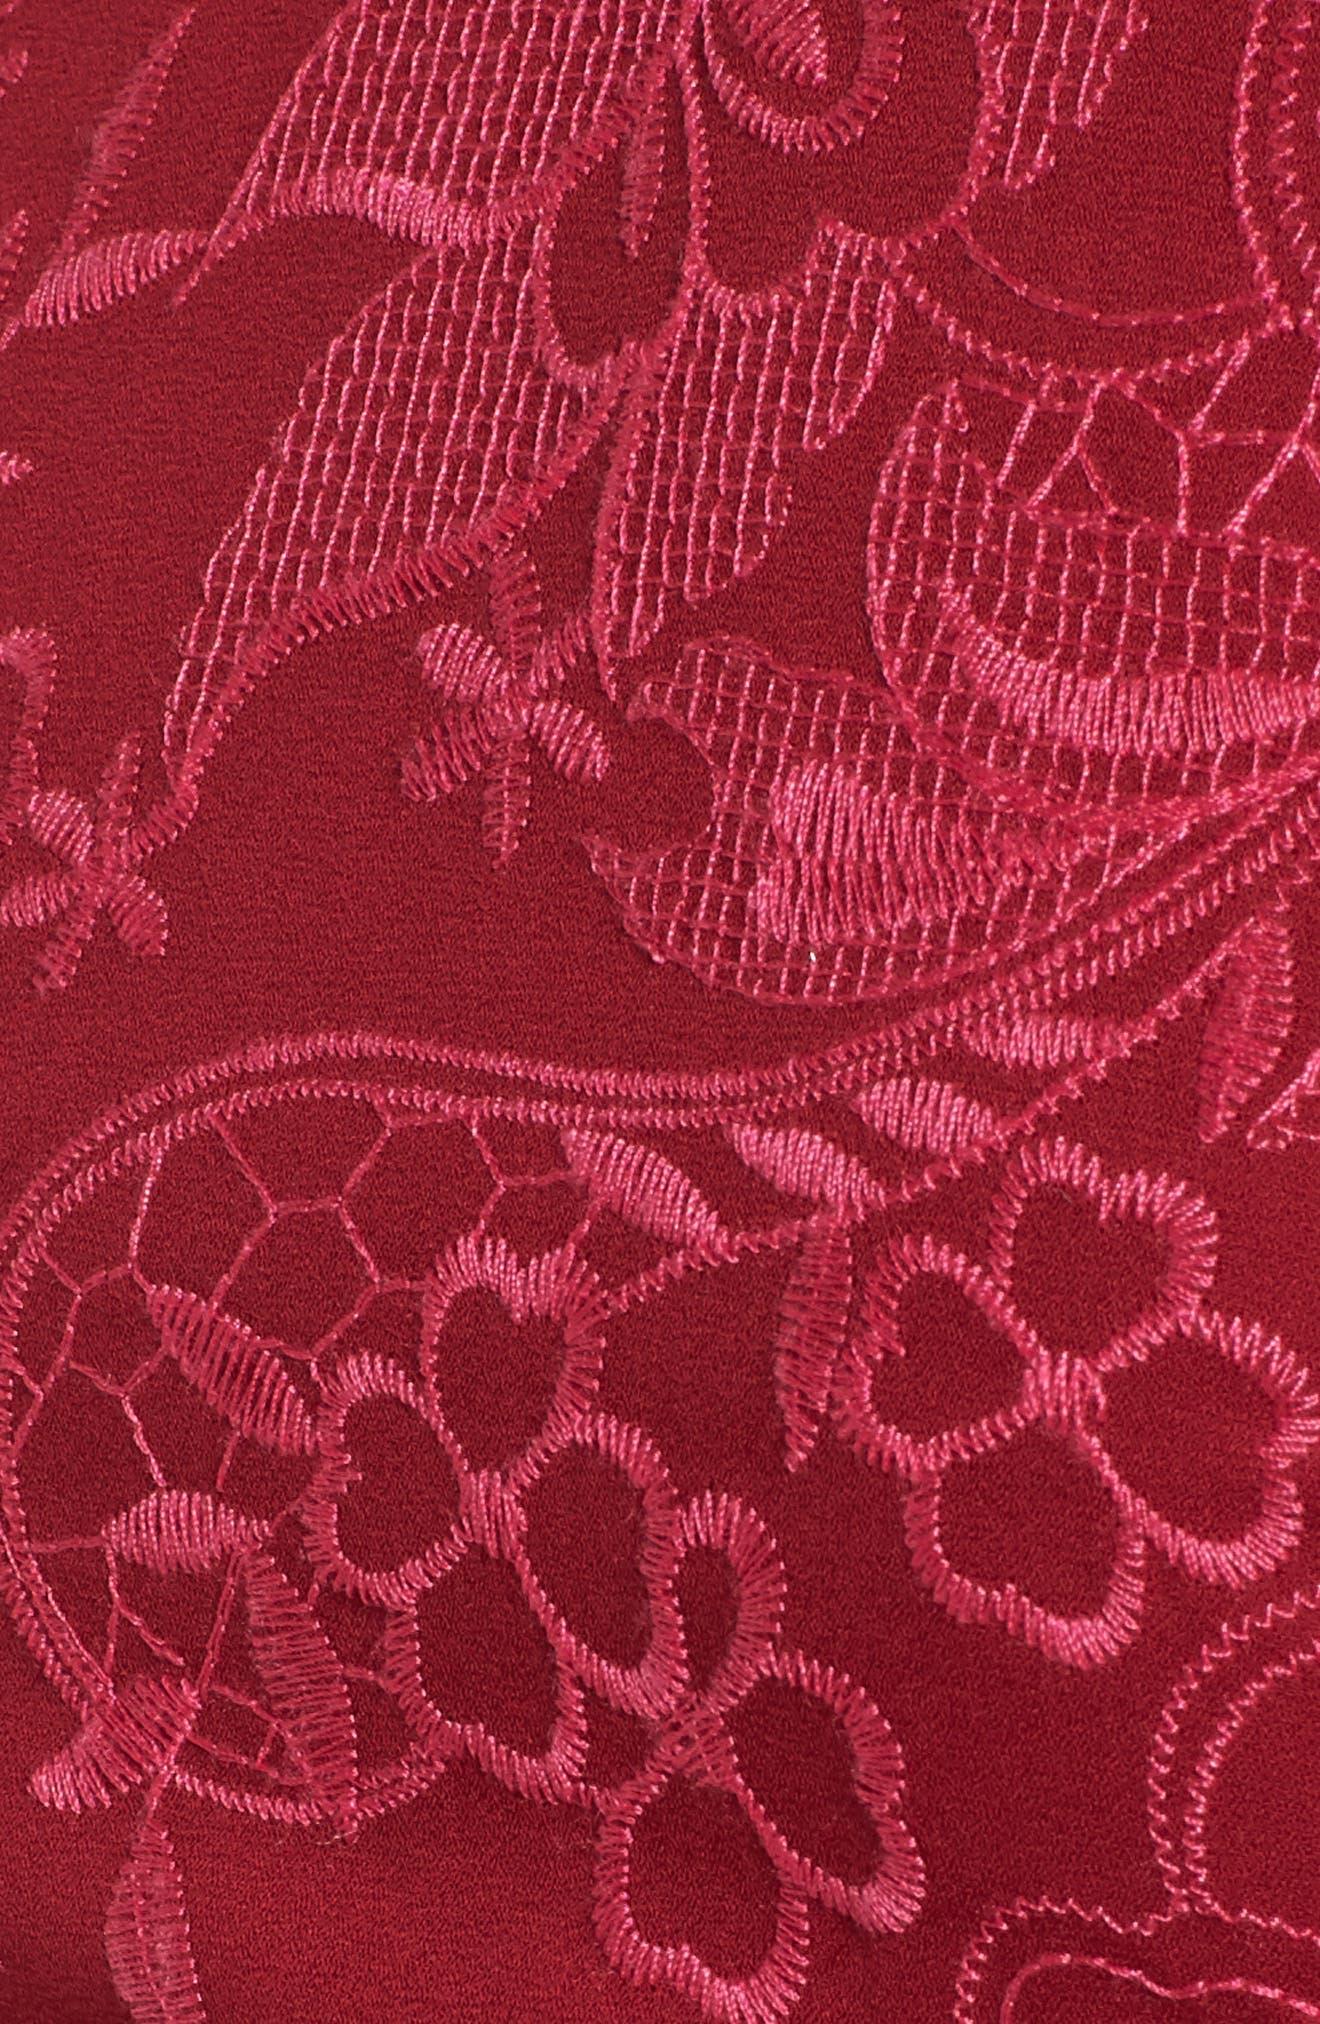 Serafina Bell Sleeve Dress,                             Alternate thumbnail 5, color,                             400